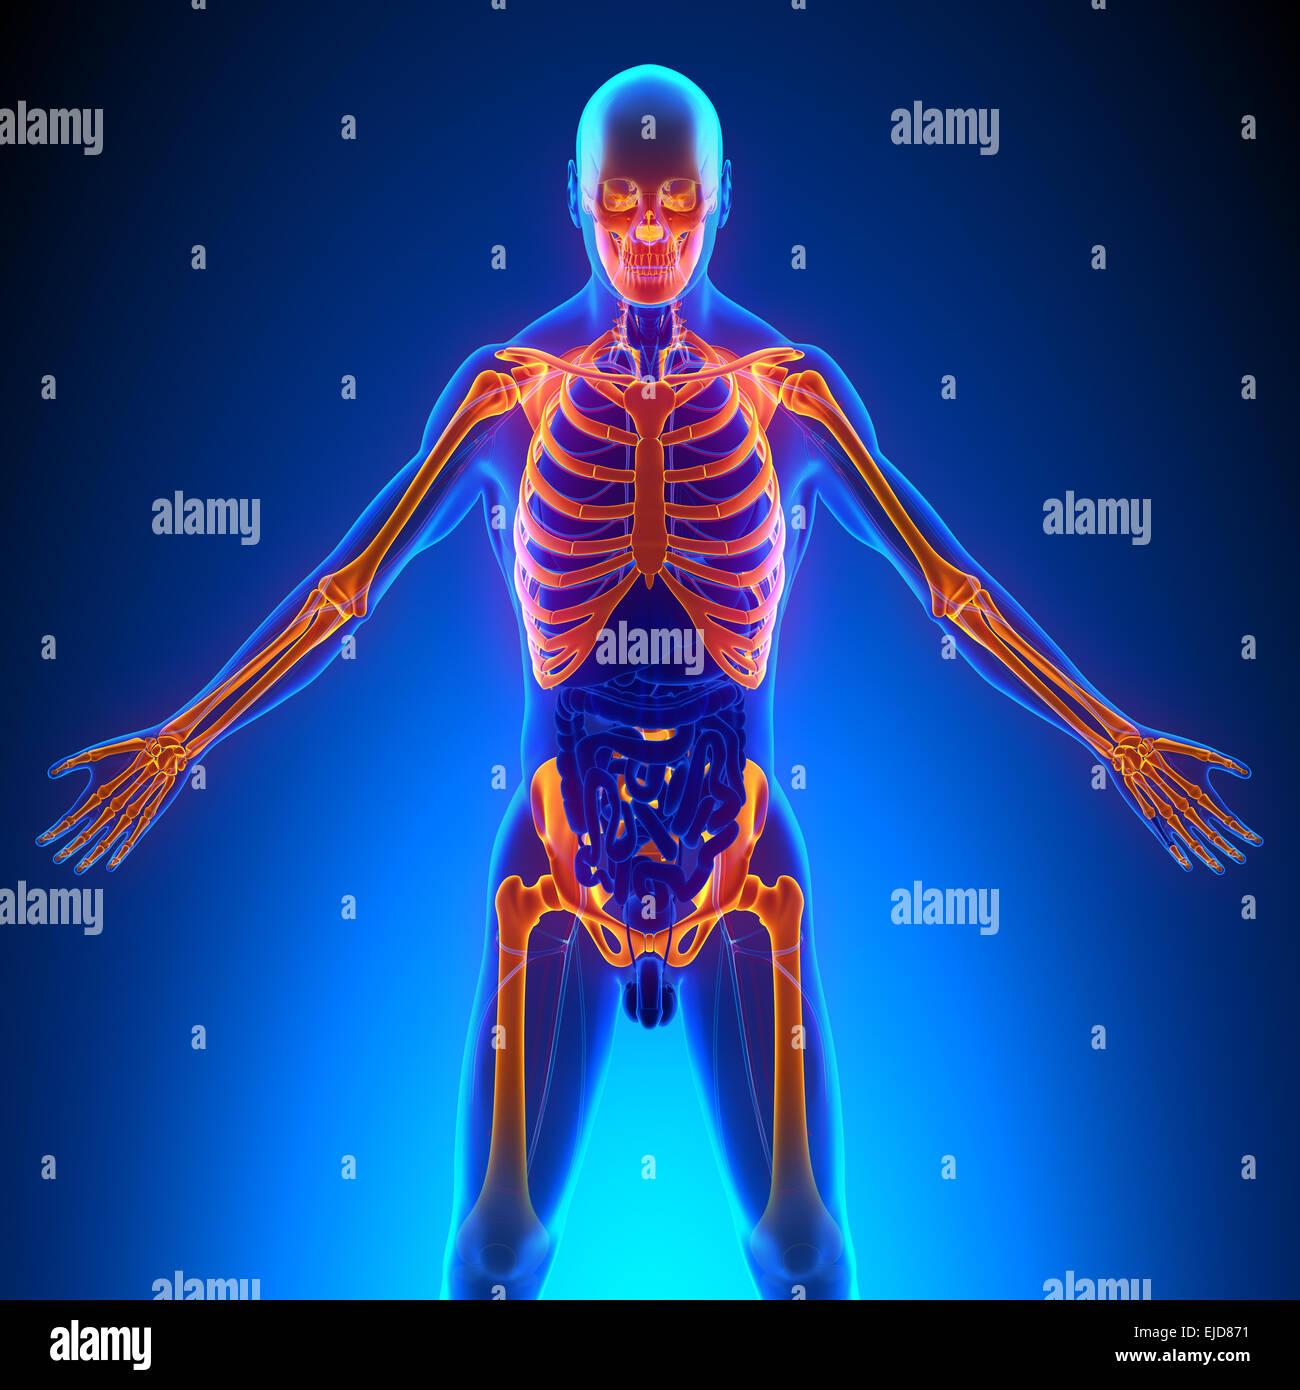 Anatomie der oberen Skelett Knochen Stockfoto, Bild: 80197125 - Alamy